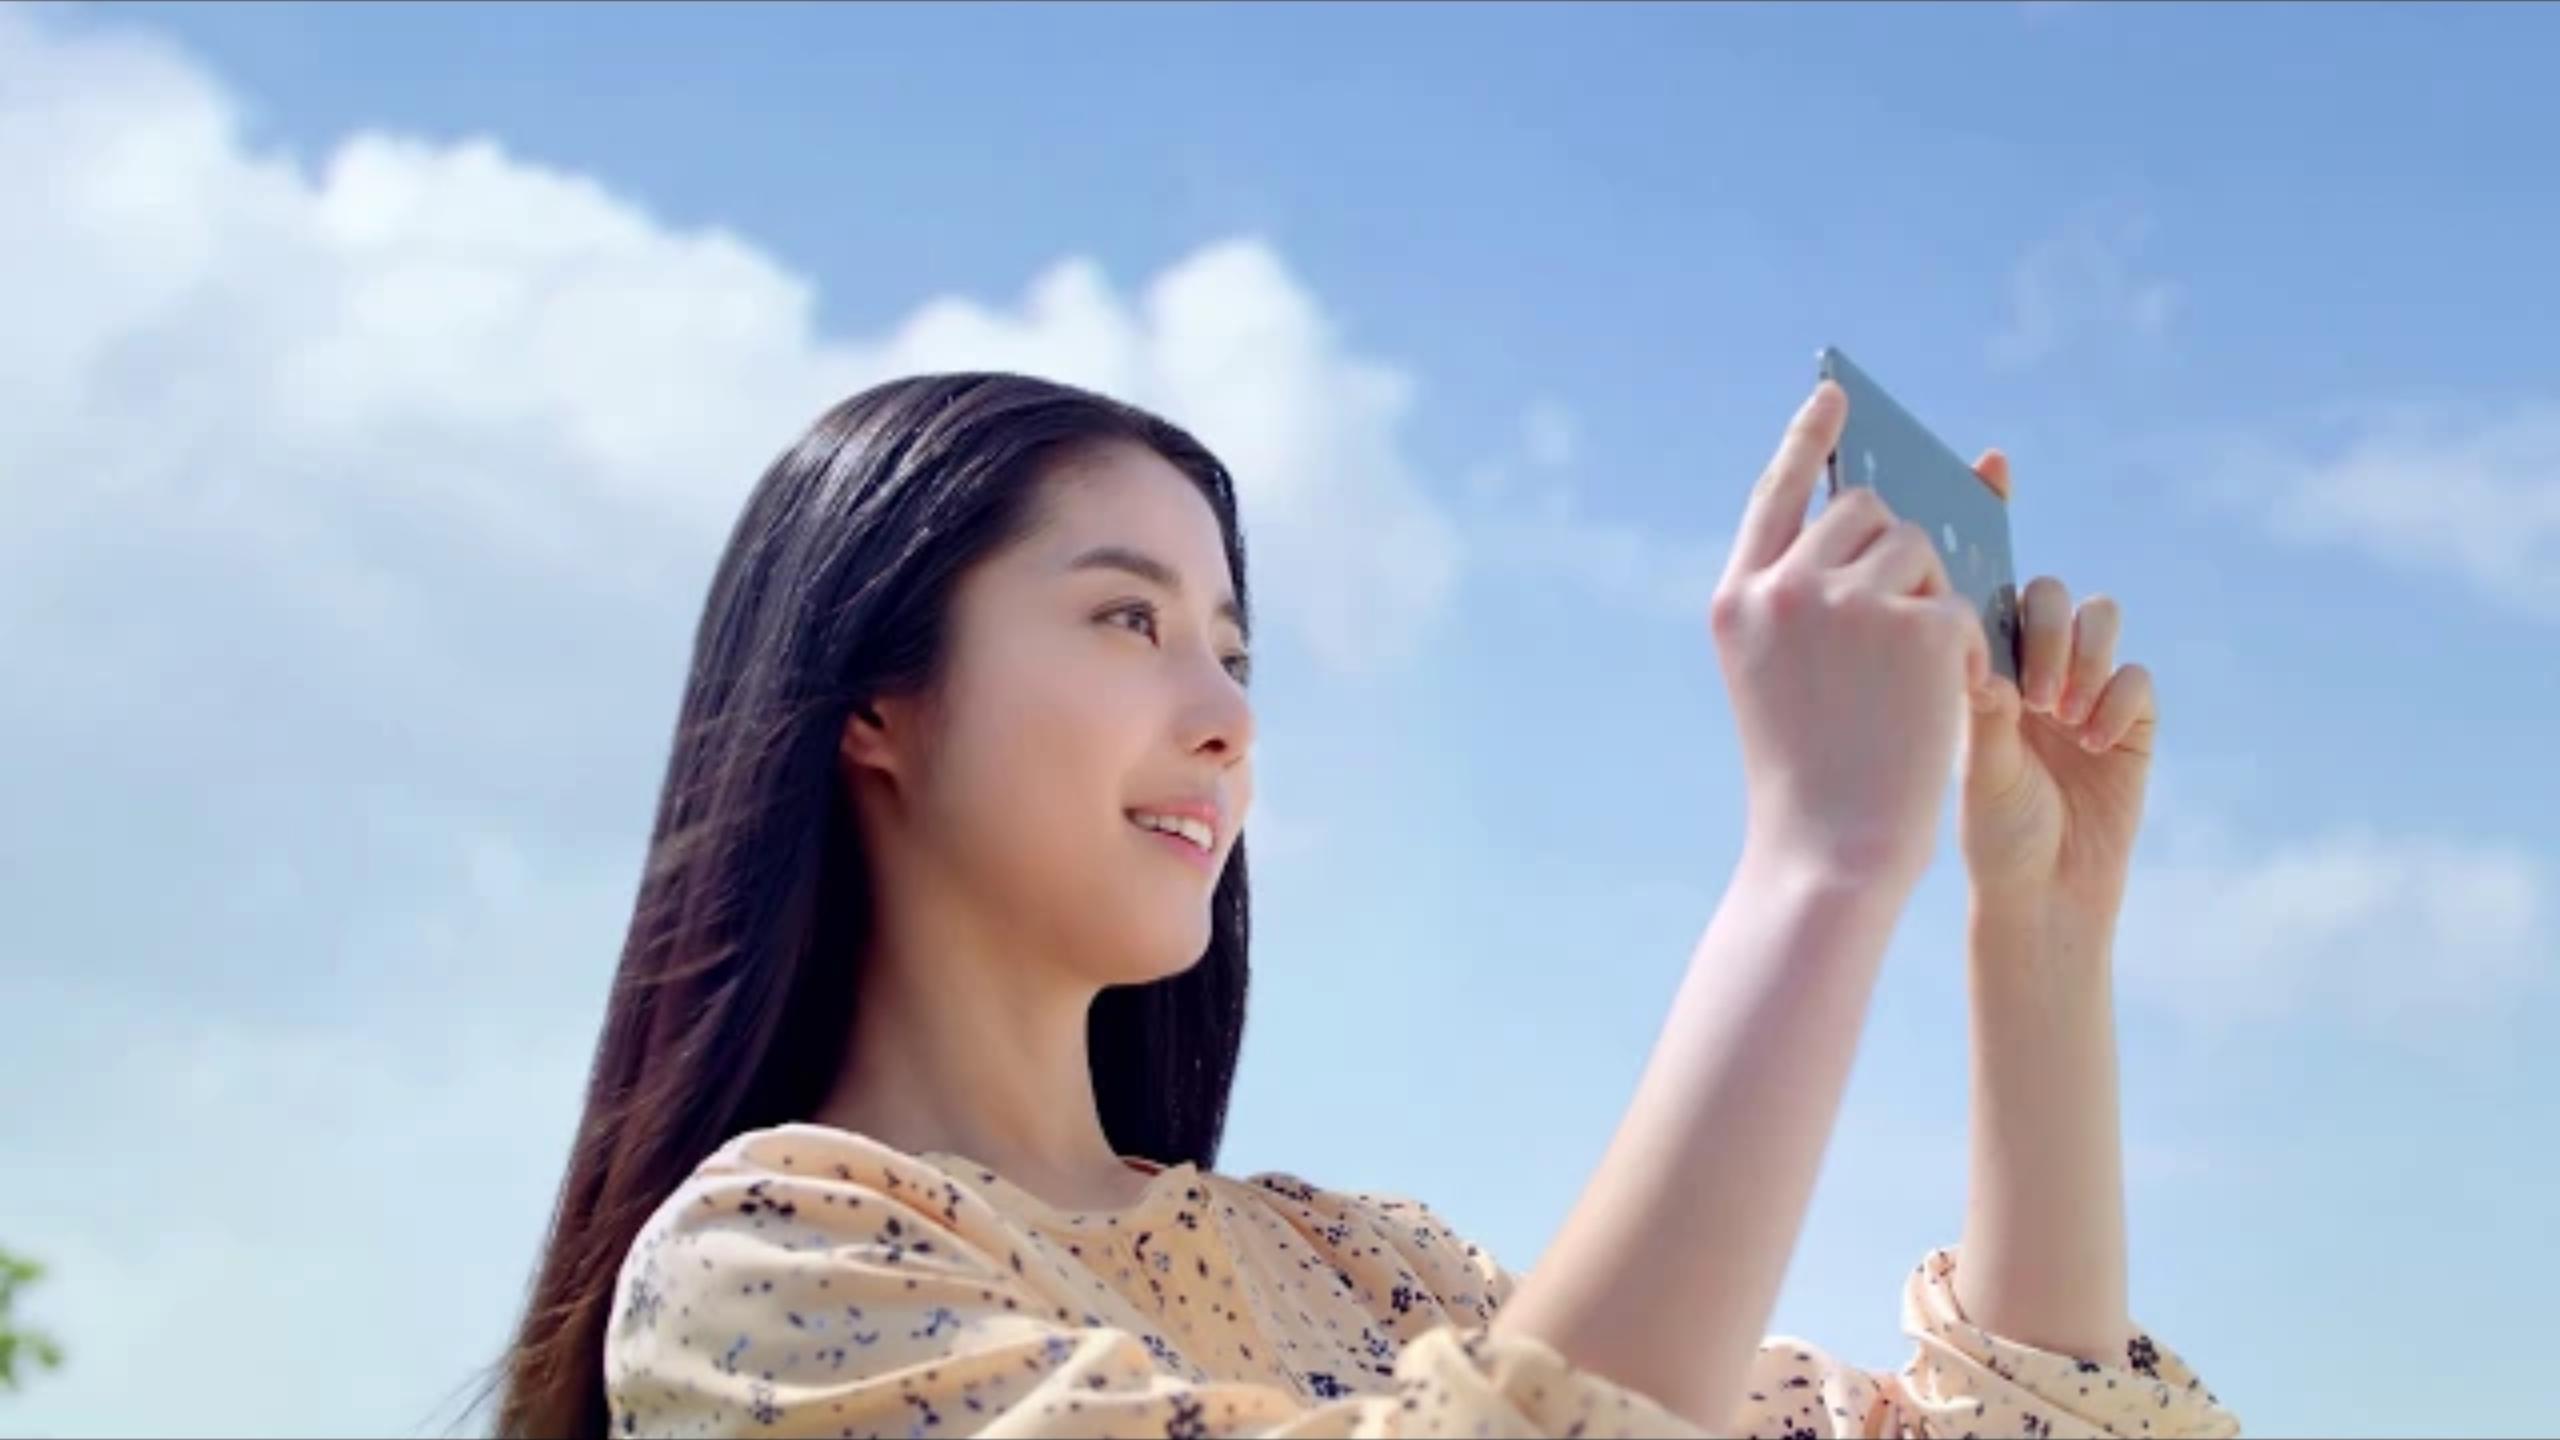 LG V30s thinQ CF 여자모델은? 보너스베이비 최문희